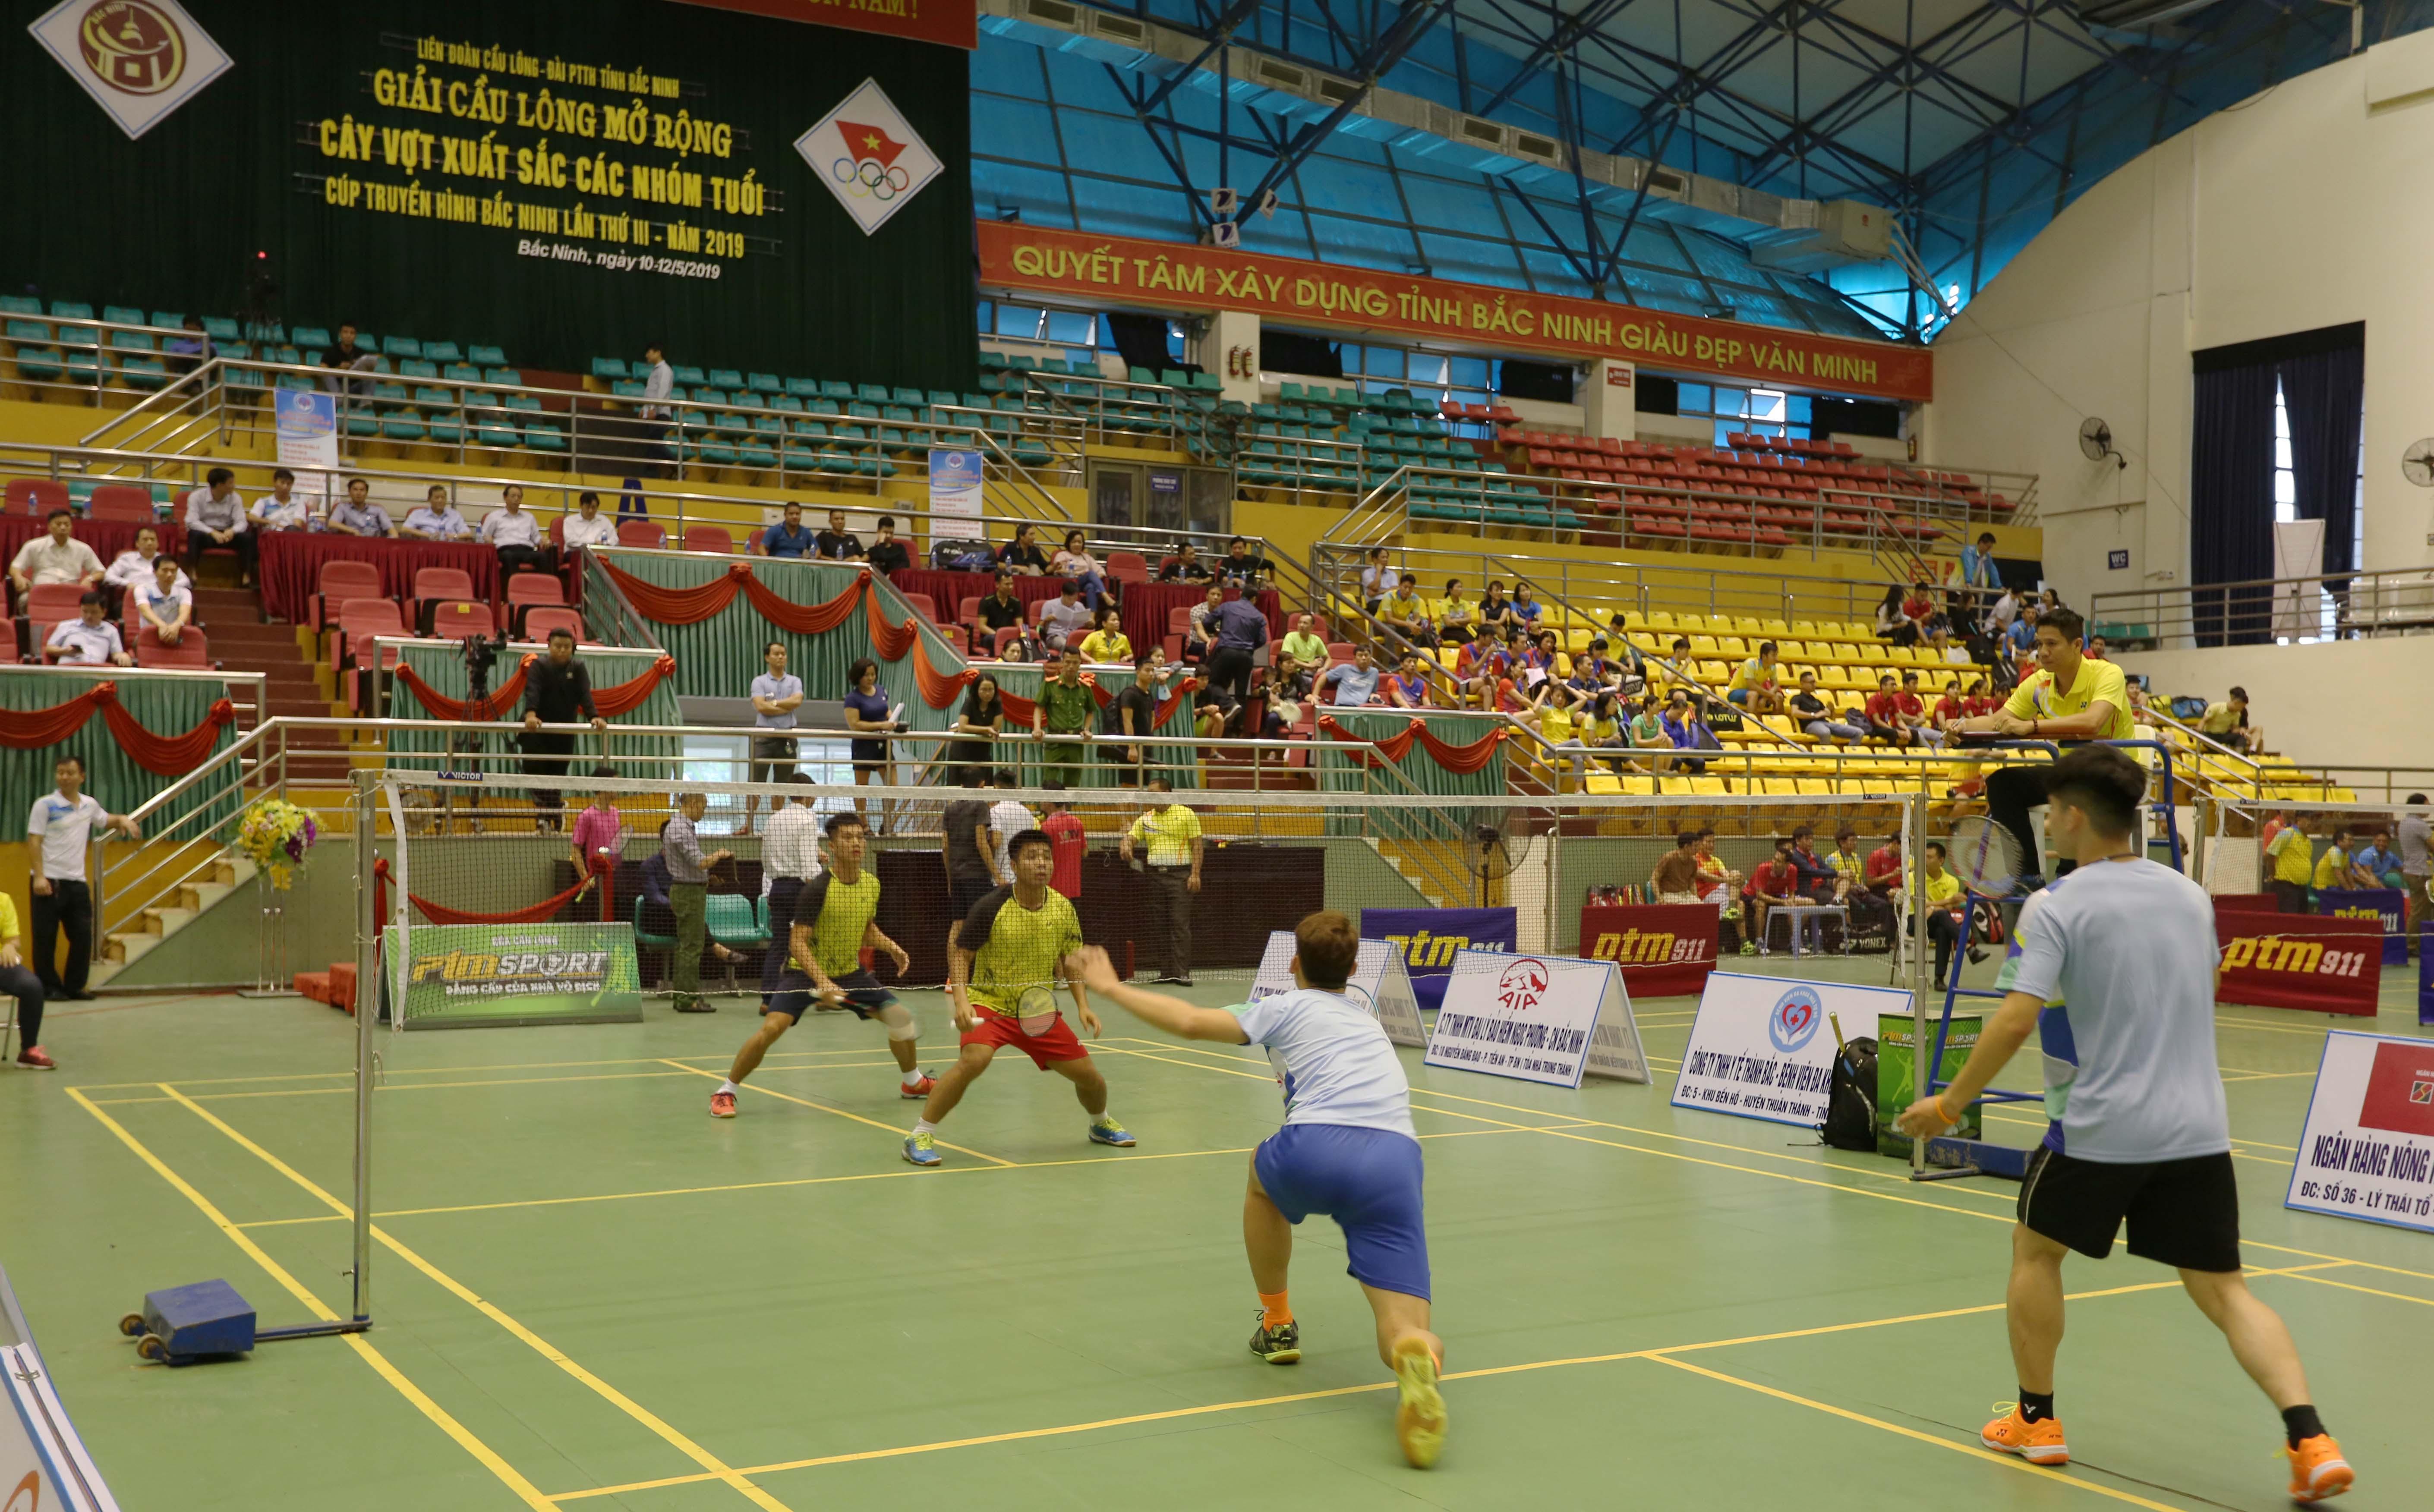 Gần 200 vận động viên tham dự Giải cầu lông Cúp Truyền hình Bắc Ninh lần thứ III